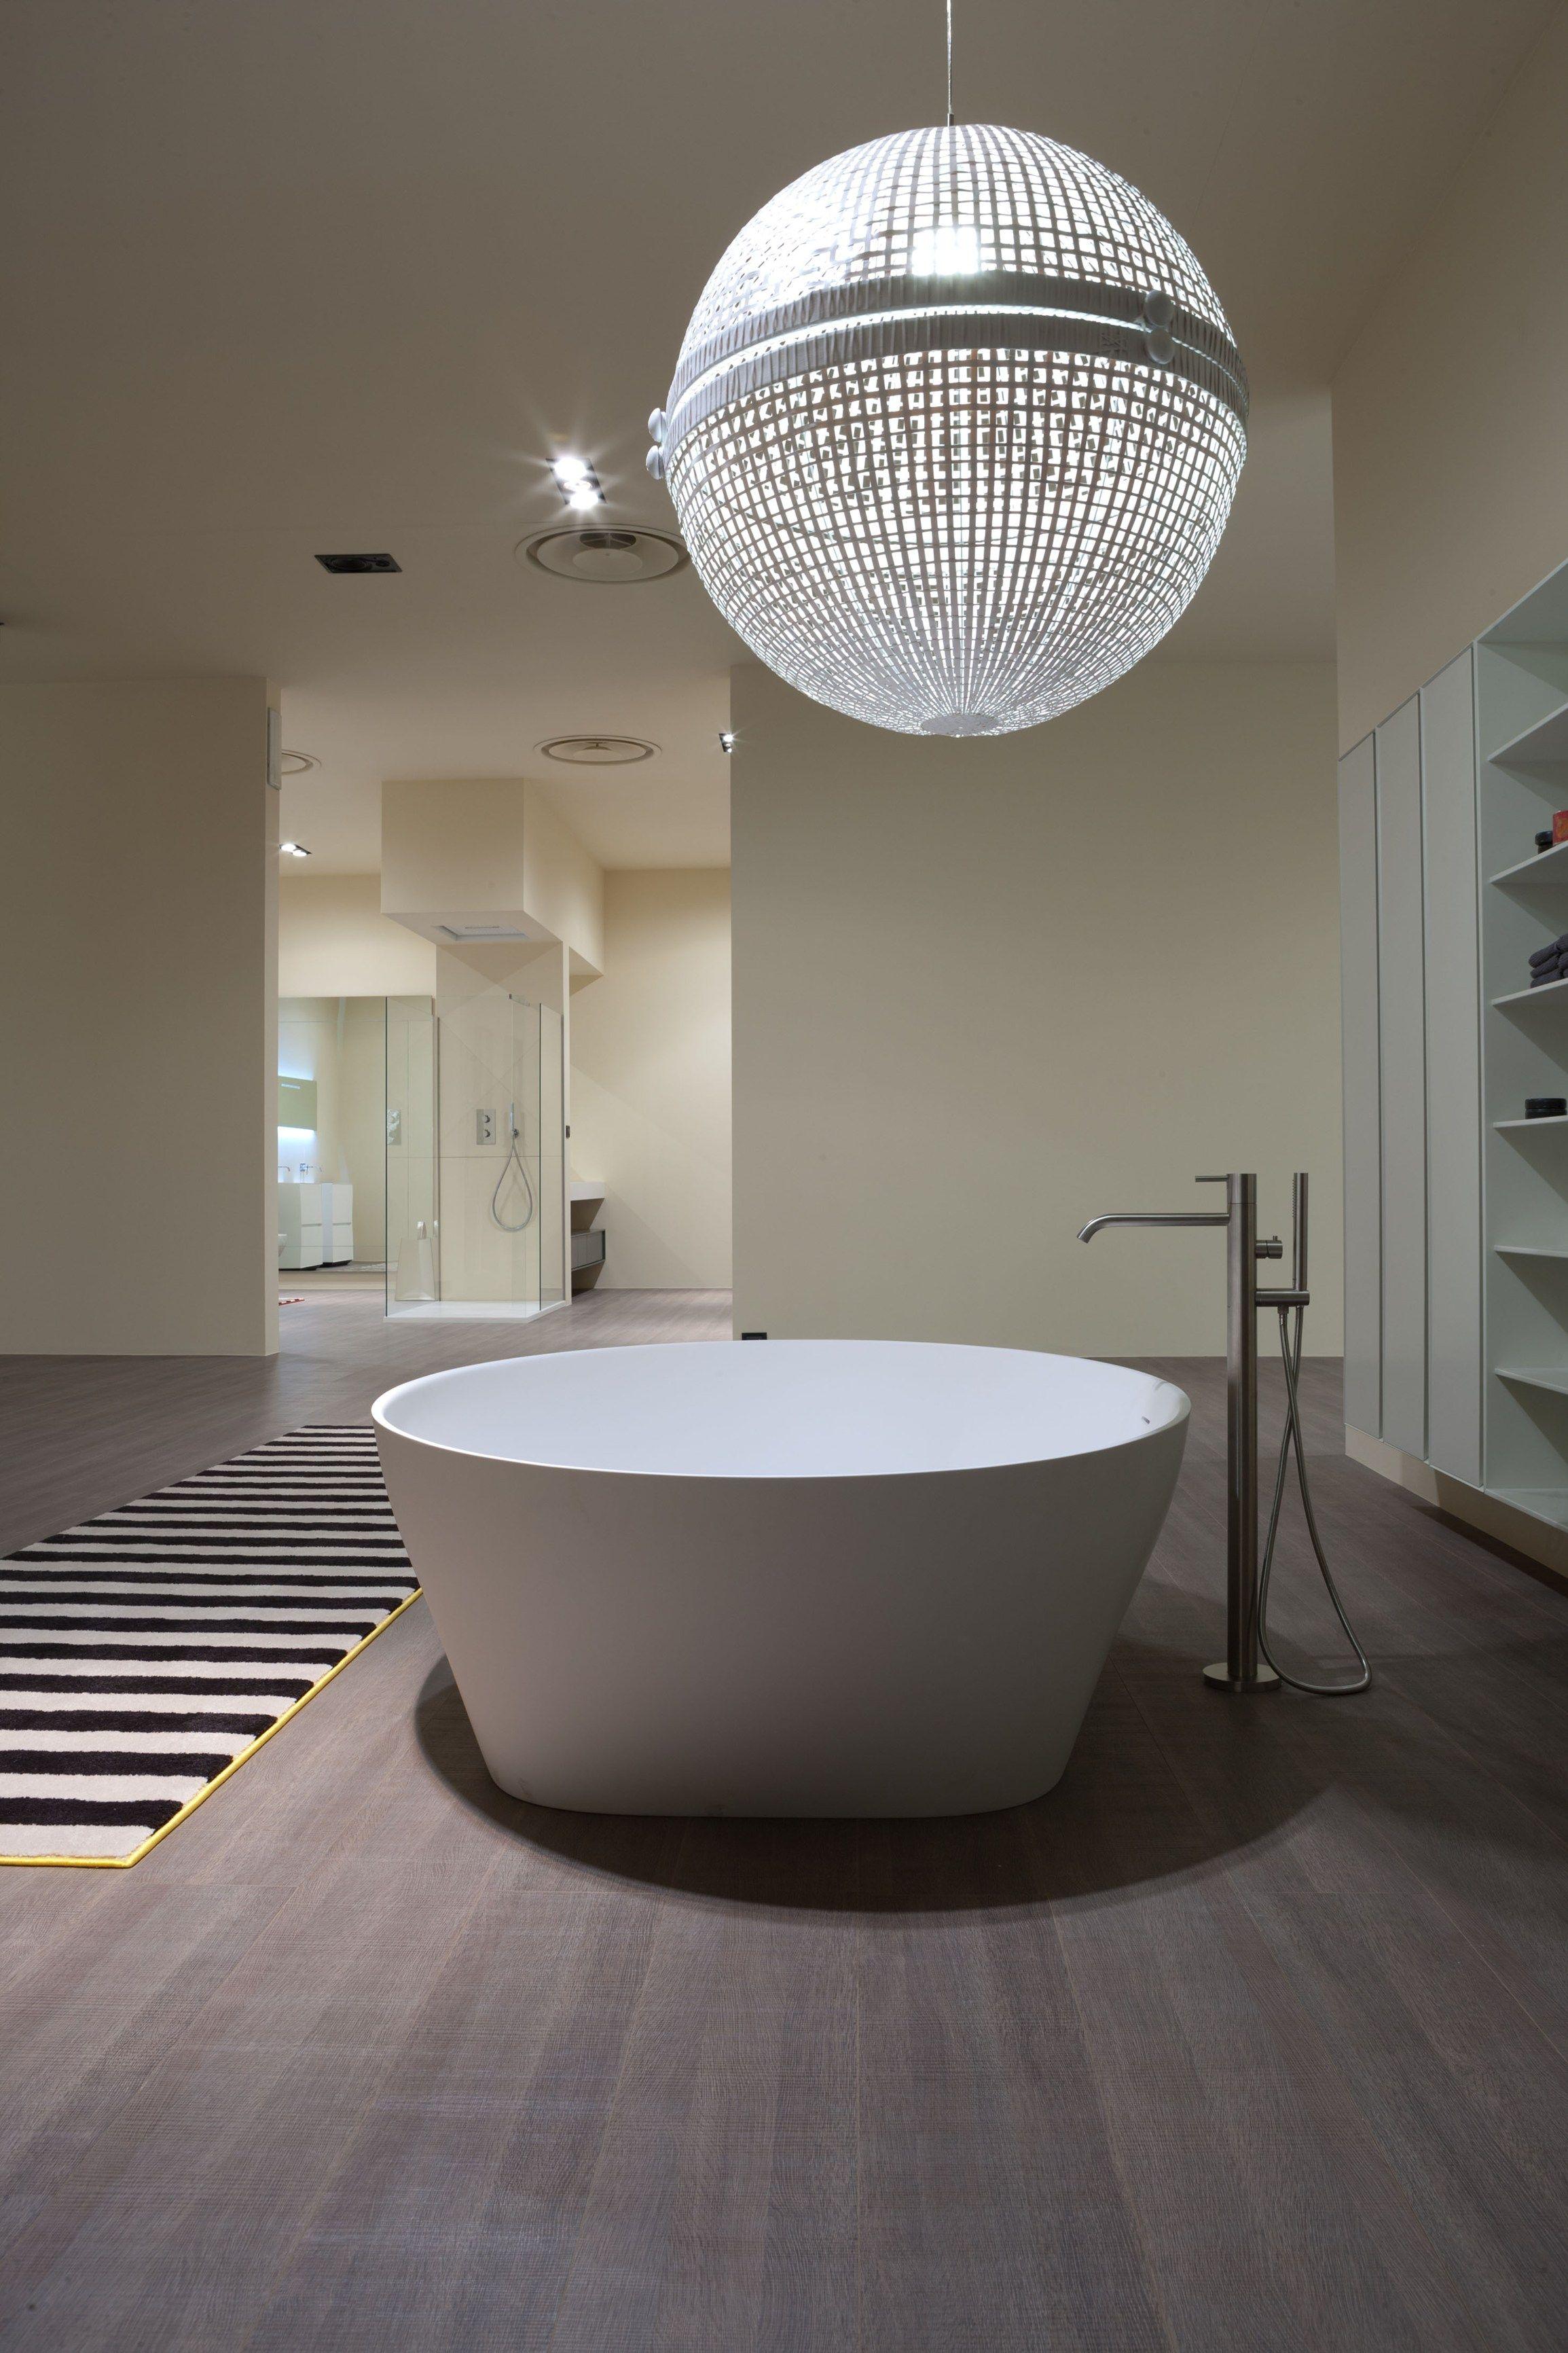 solidea vasca da bagno by antonio lupi design design carlo colombo. Black Bedroom Furniture Sets. Home Design Ideas